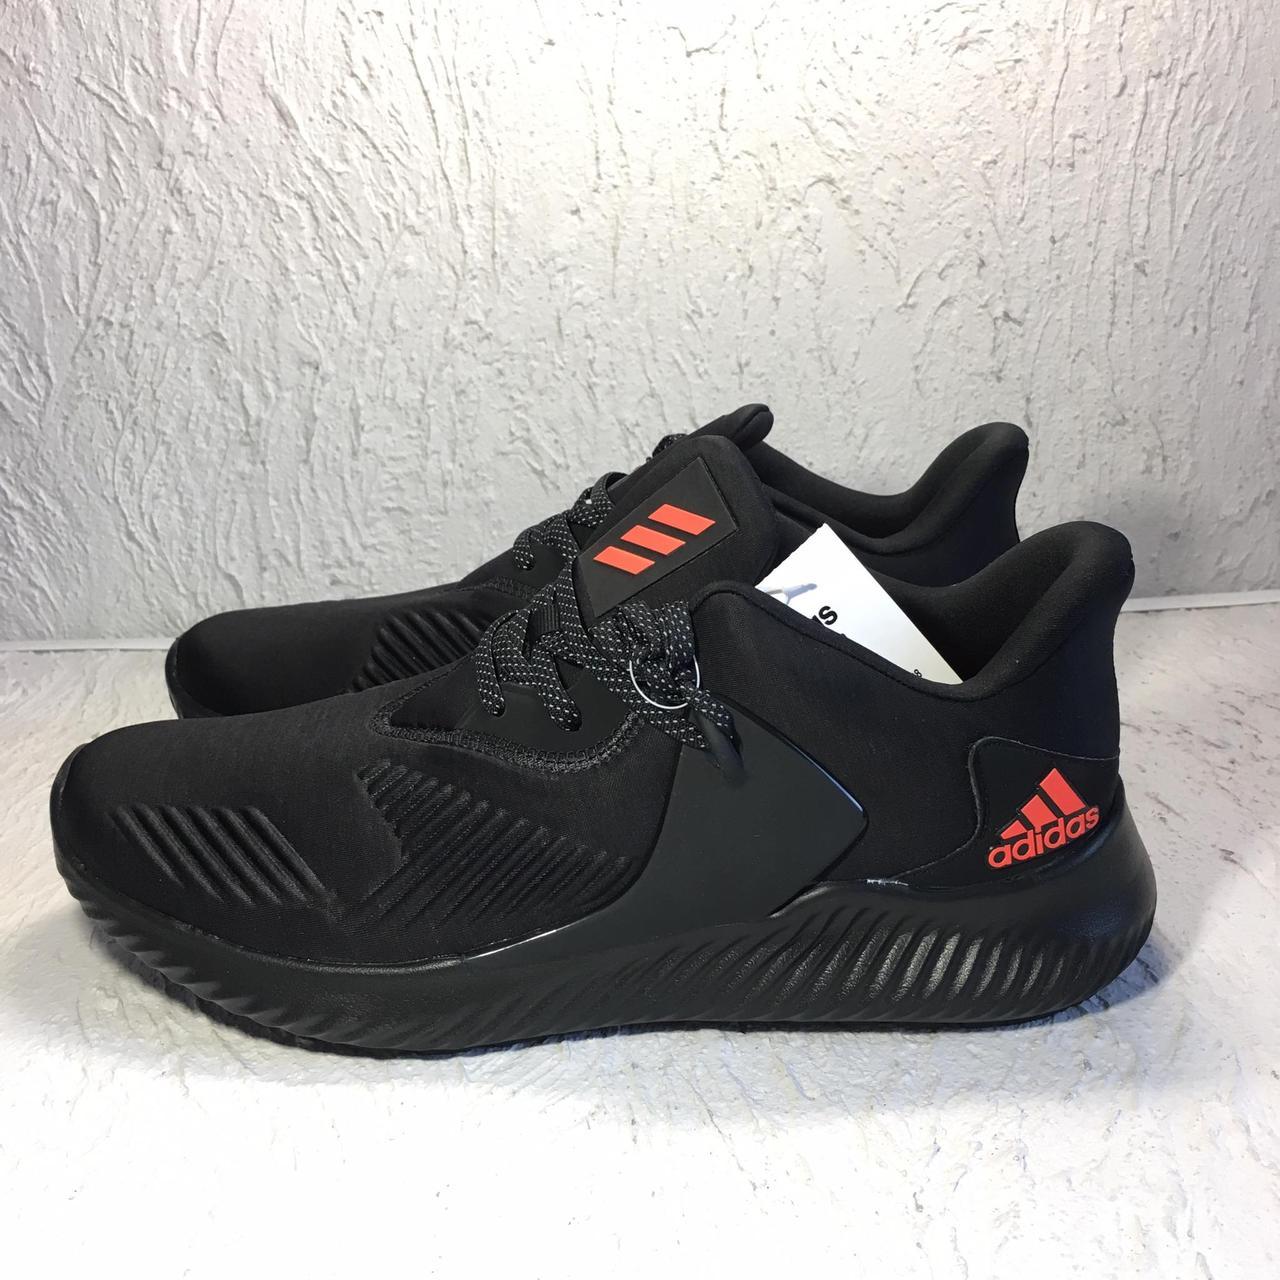 Кроссовки для бега Adidas Alphabounce RC G28828 44 размер